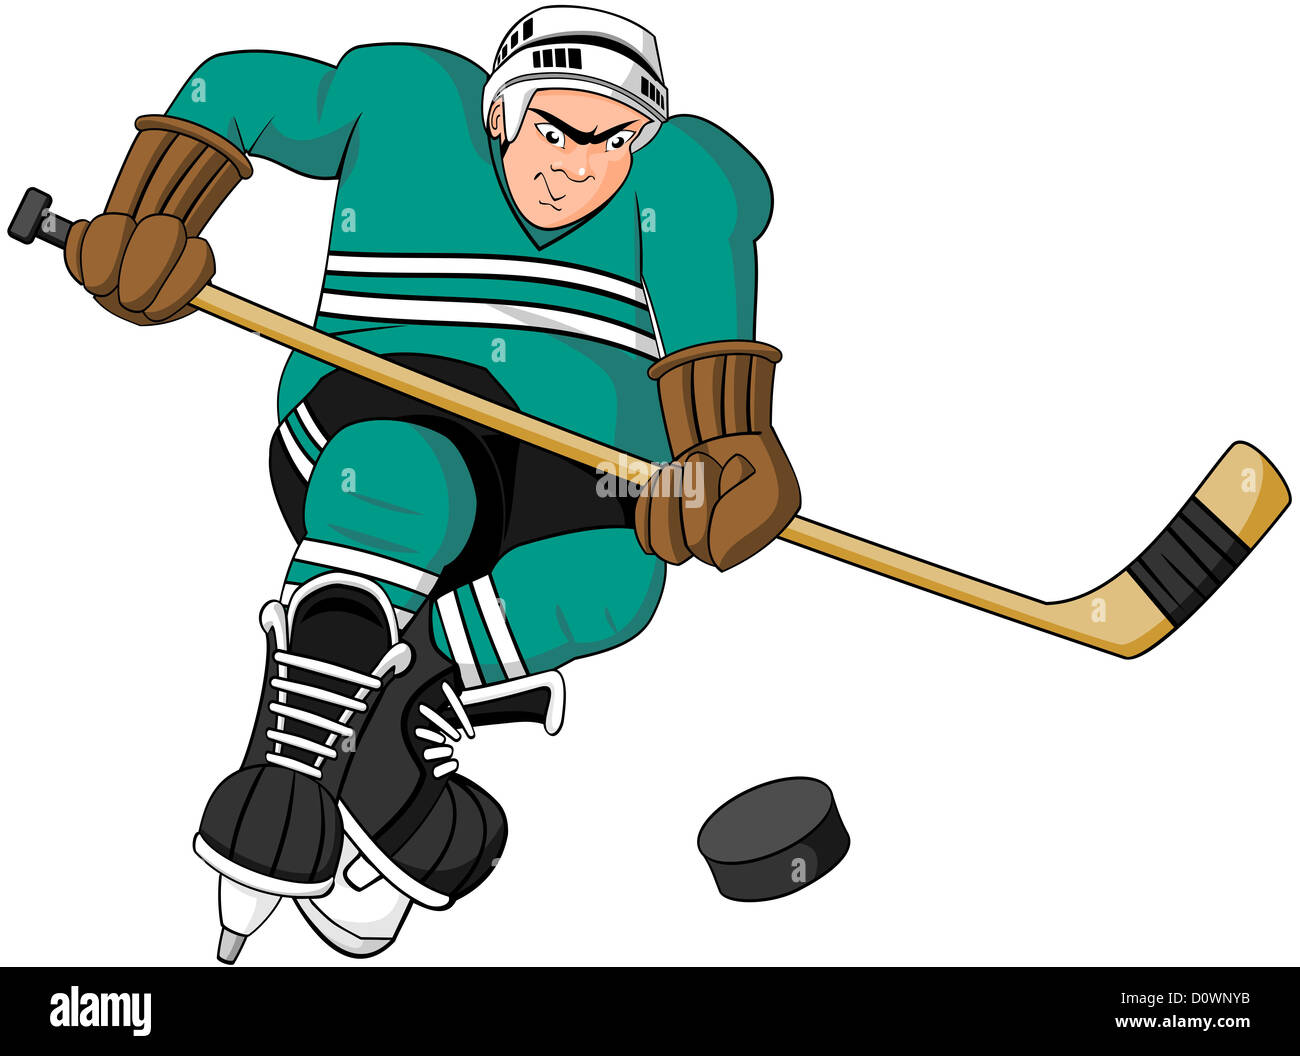 Jugador de hockey patinaje agresivo Foto & Imagen De Stock: 52197135 ...